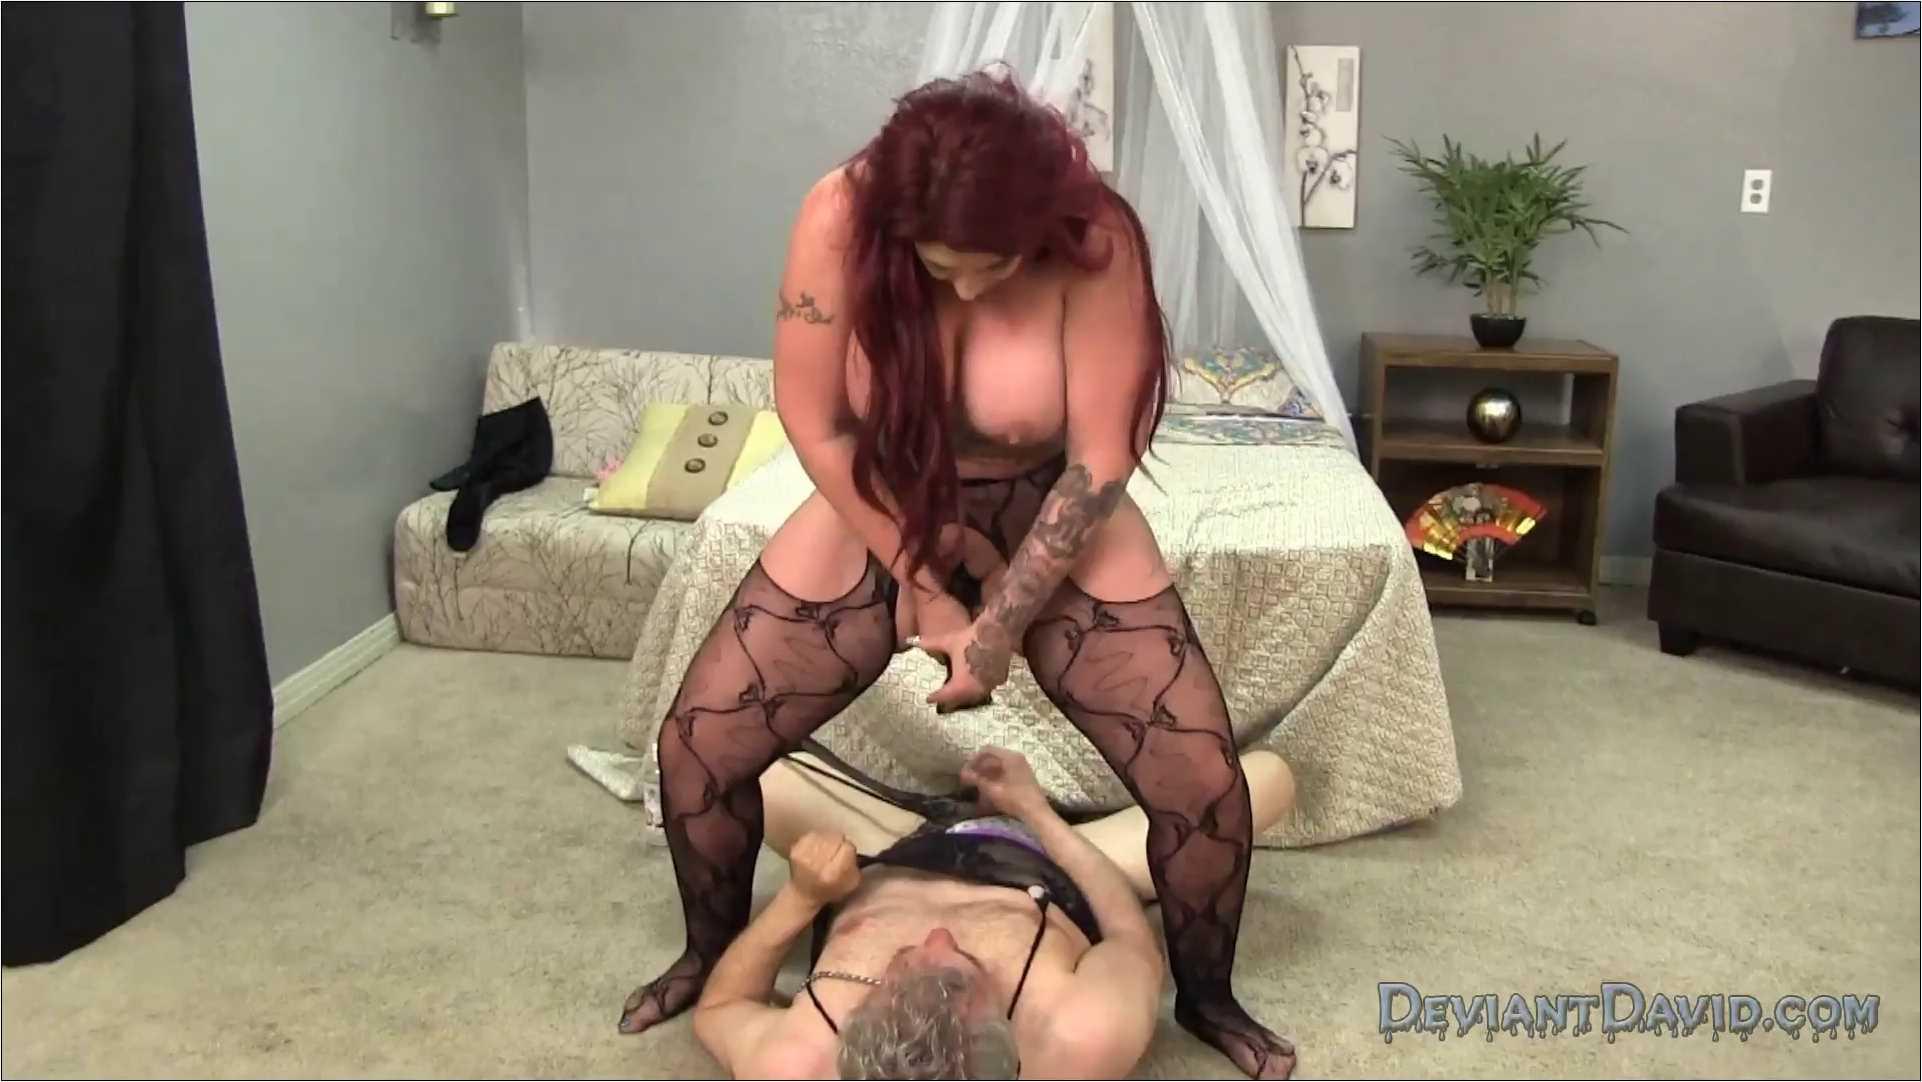 Kelli Staxxx In Scene: DEVIANTDAVID - Kelli Staxxx 4 - MEANWORLD - FULL HD/1080p/MP4